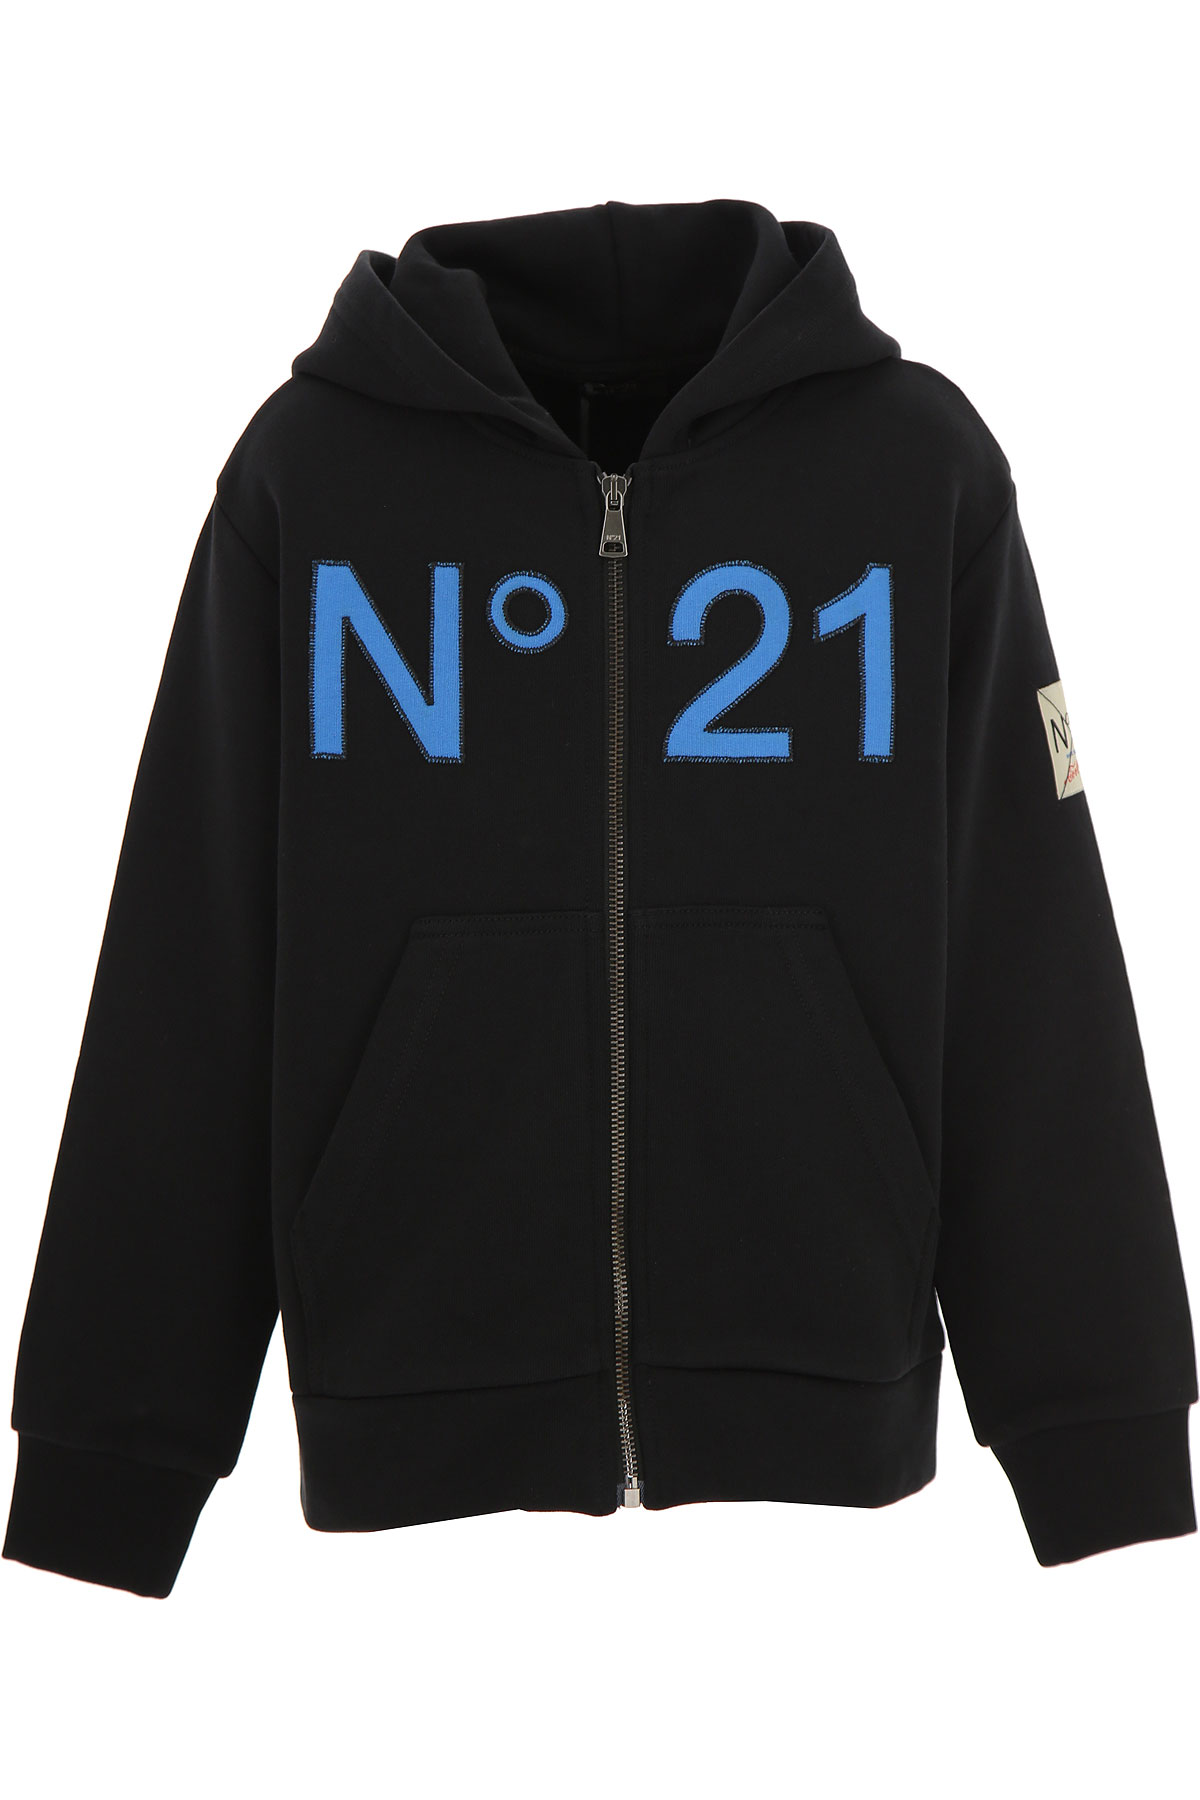 NO 21 Kids Sweatshirts & Hoodies for Boys On Sale, Black, Cotton, 2019, 10Y 12Y 14Y 4Y 6Y 8Y